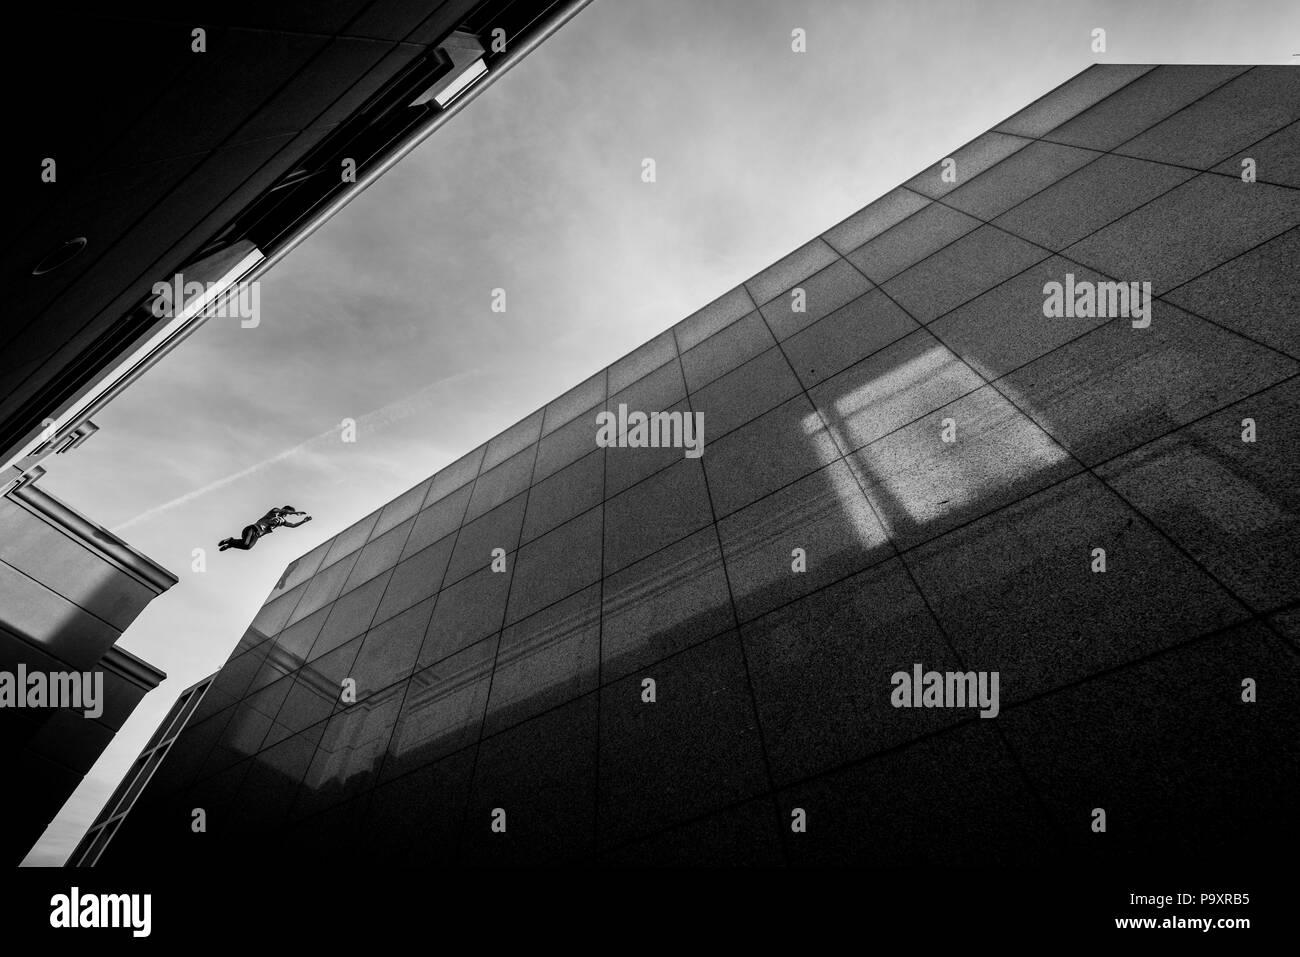 Vista dal basso del maschio atleta di parkour saltando da un tetto a un altro Immagini Stock